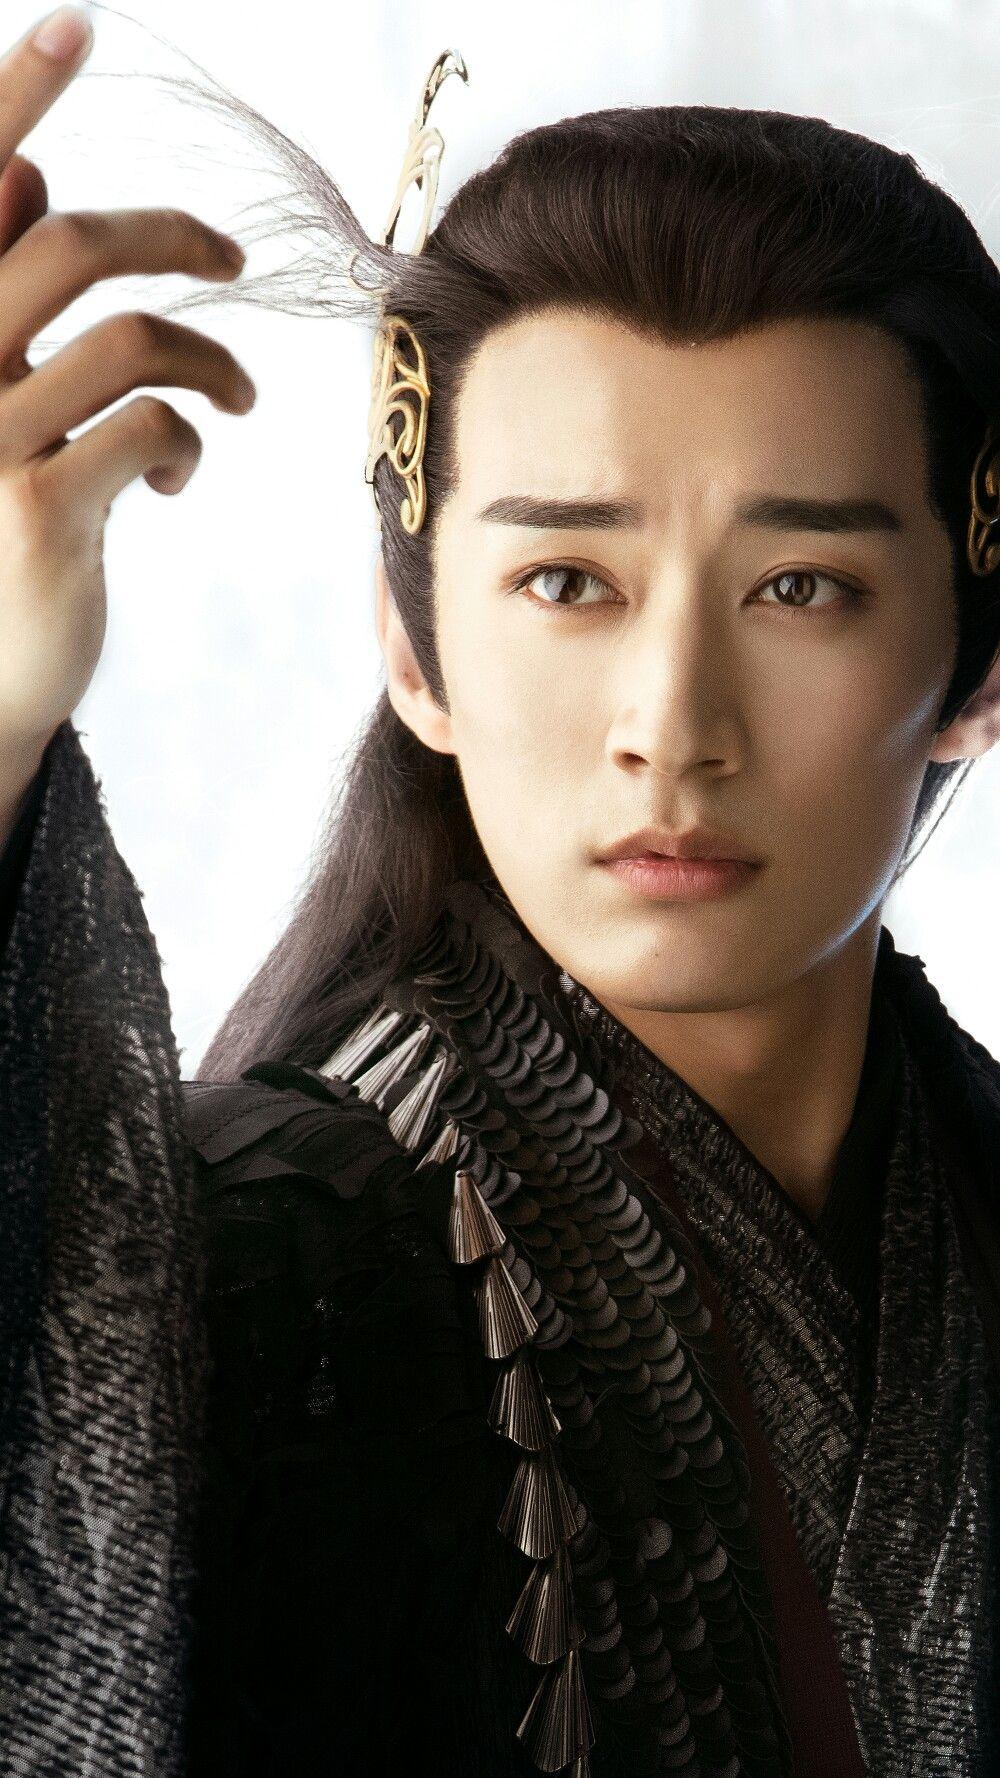 Yêu Đế - Trảm Hoang.